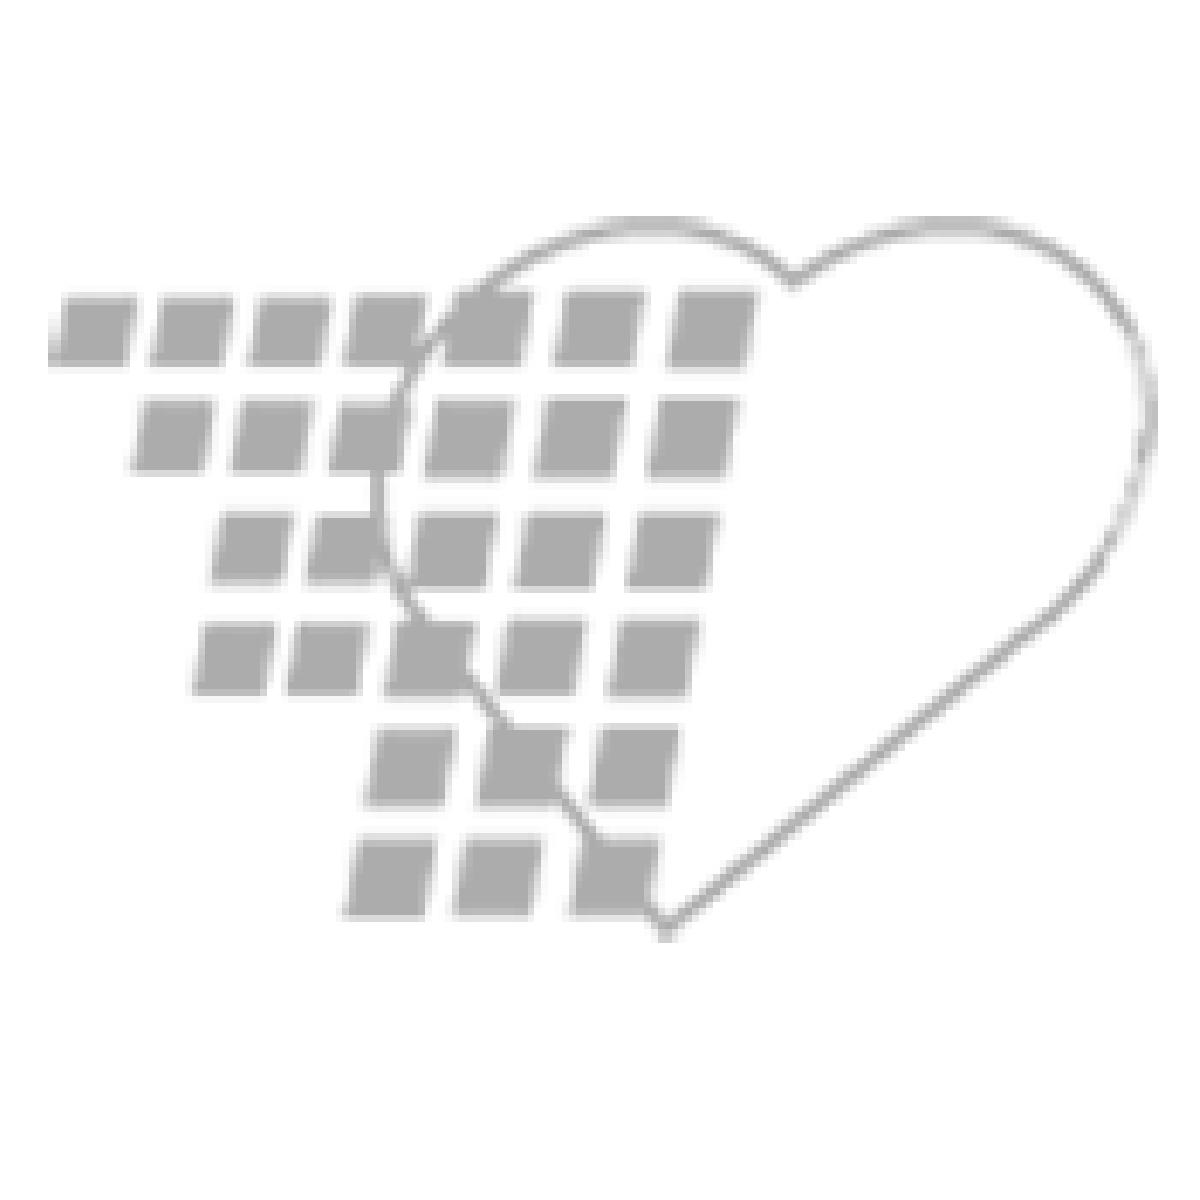 06-93-4102 Demo Dose® Methergin 1 mL 0.2/mL